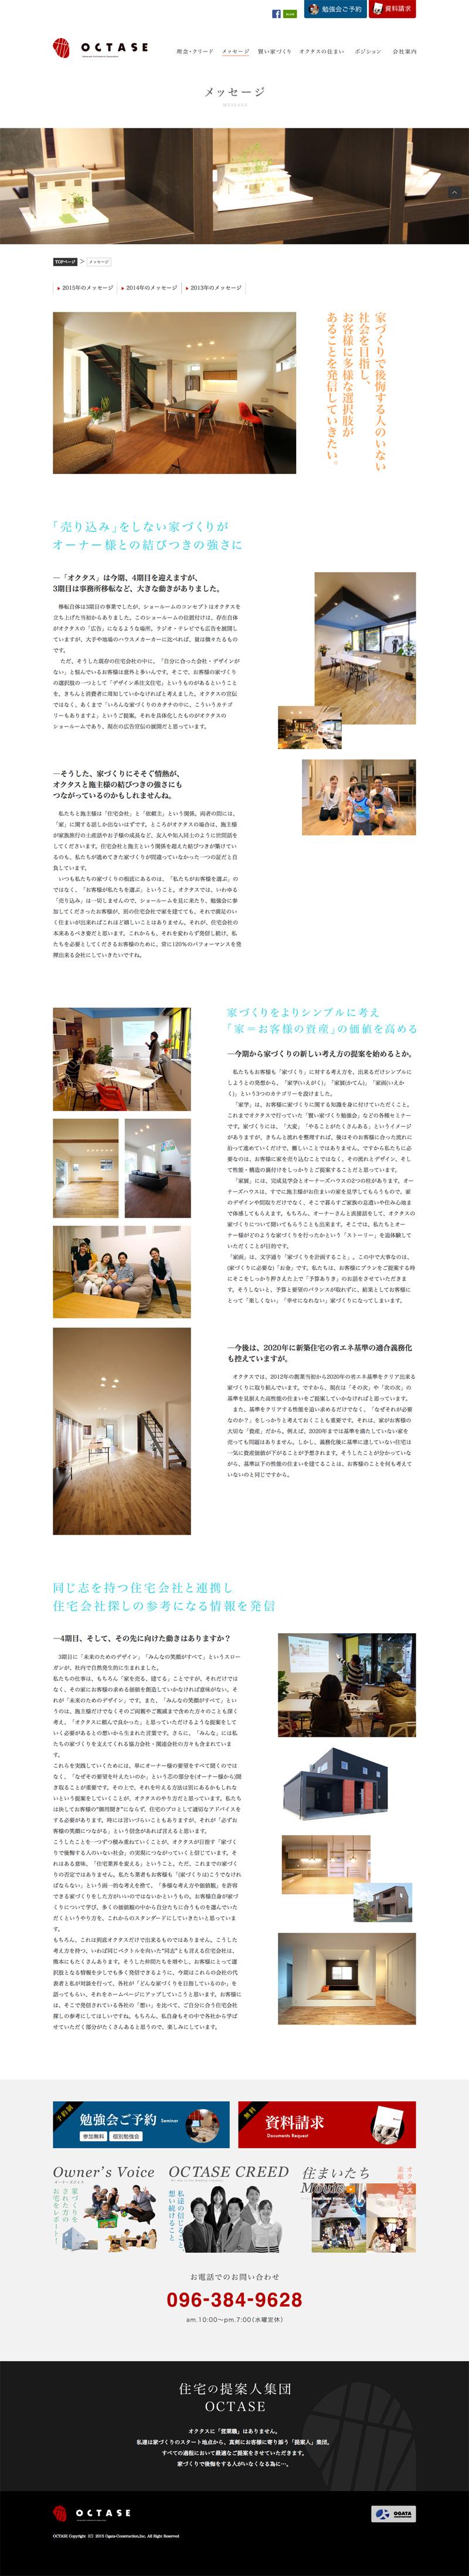 web_new_oct.jpg